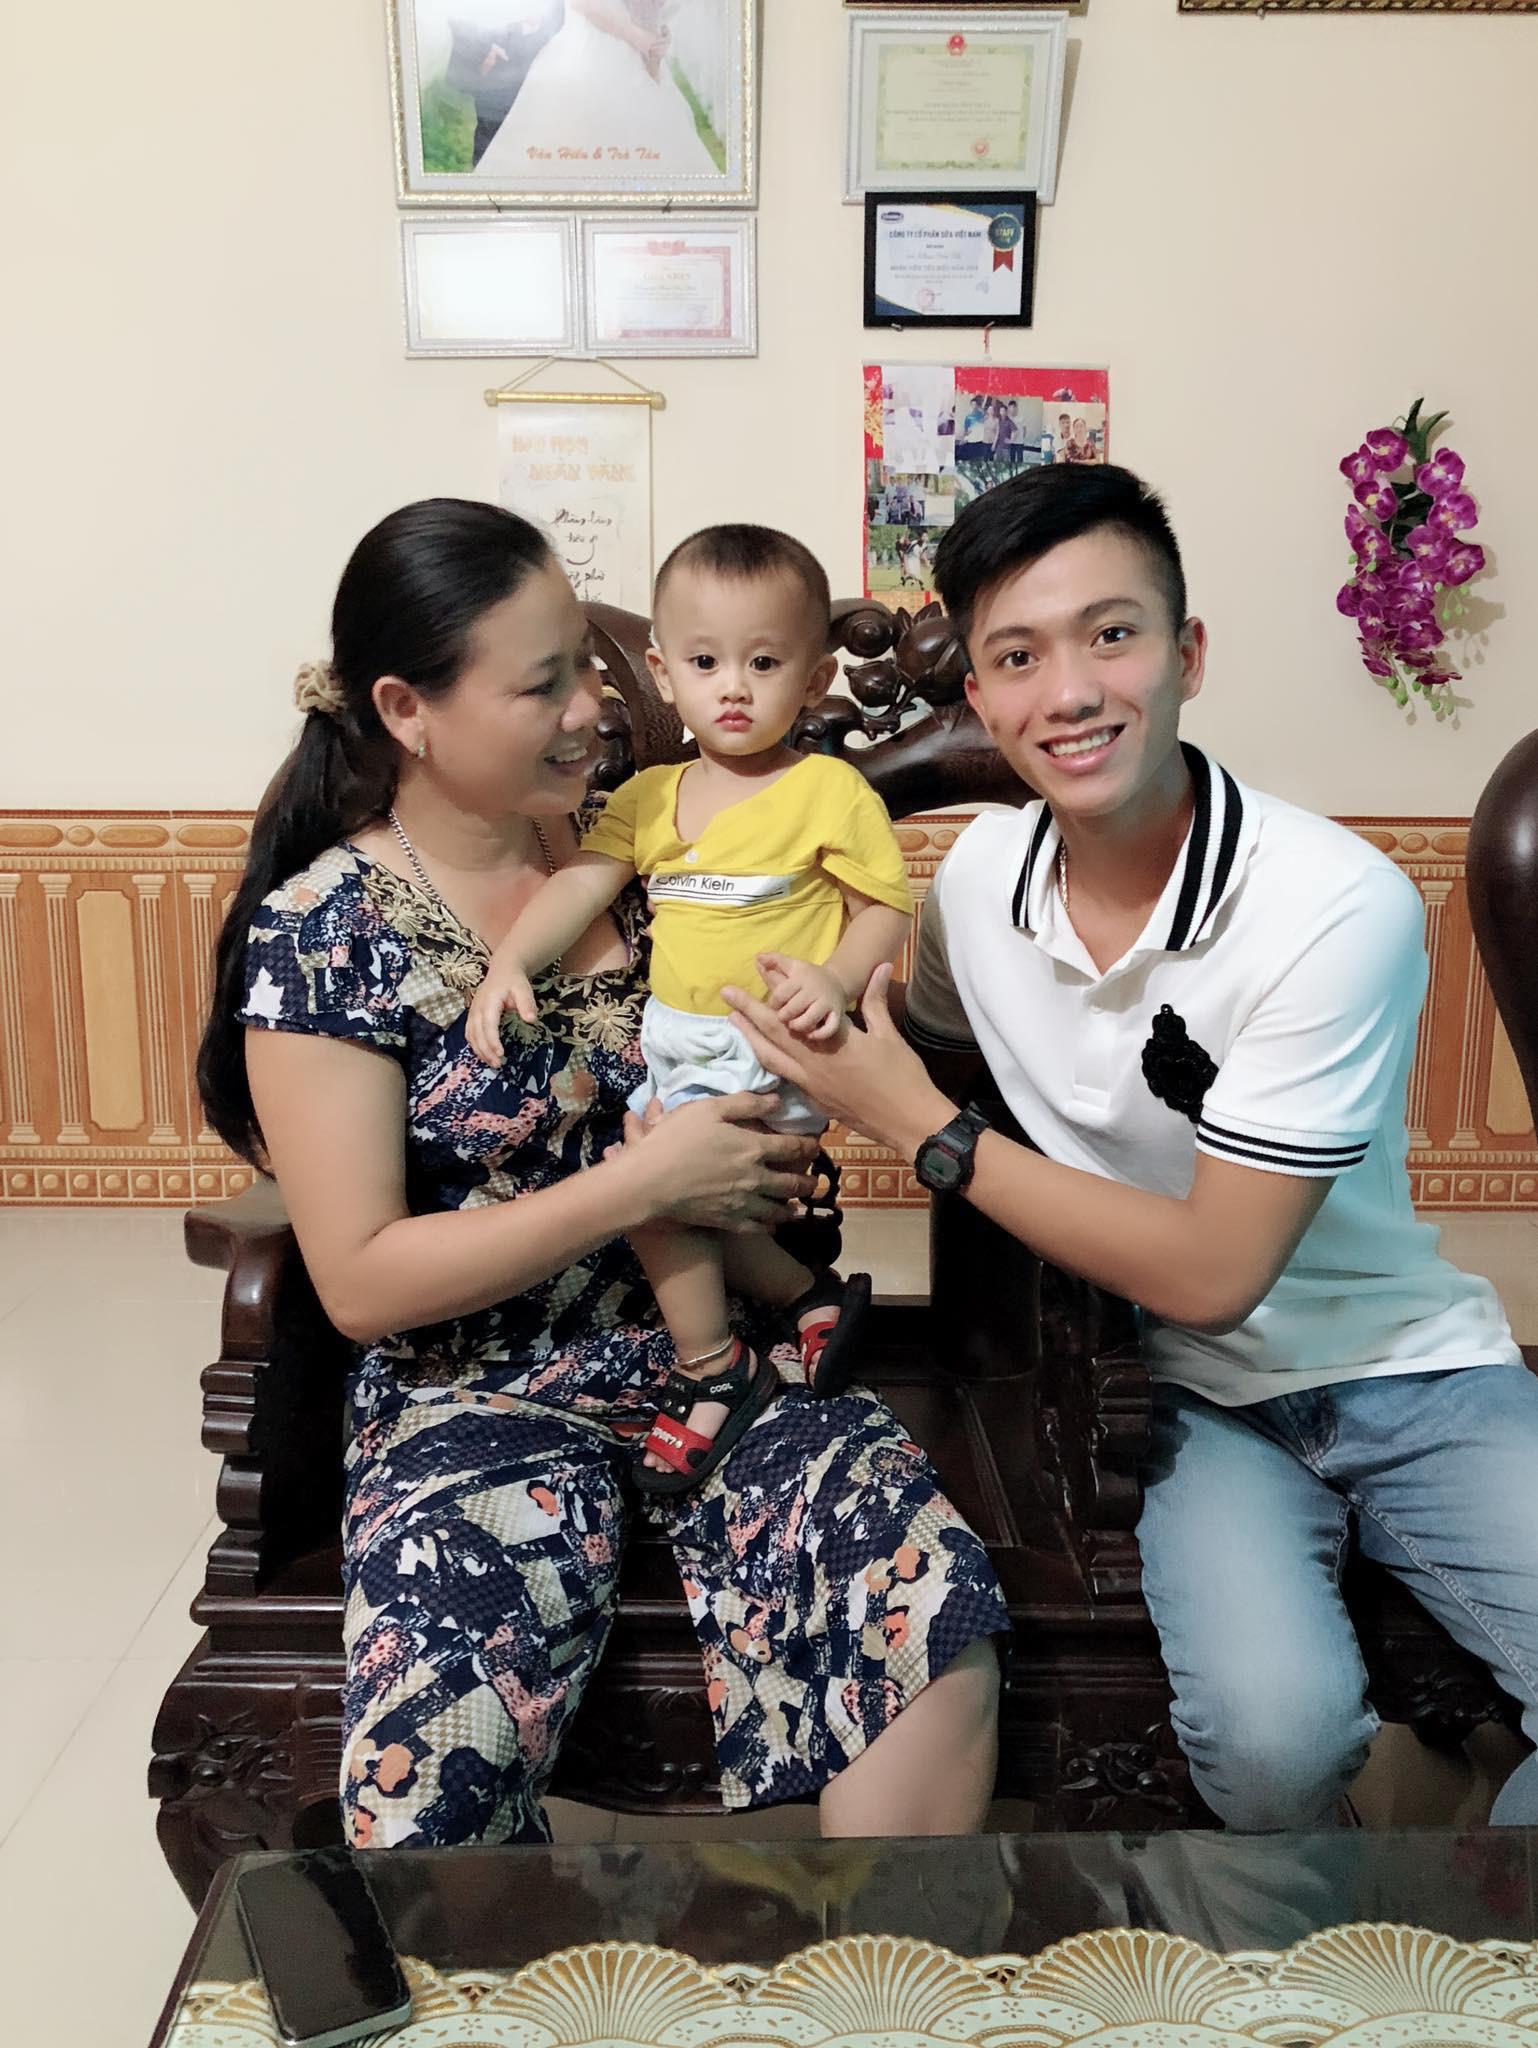 Ngọc Nữ trổ tài nữ công gia chánh, khẳng định đủ tiêu chuẩn lấy chồng, fan lại réo tên Phan Văn Đức-2